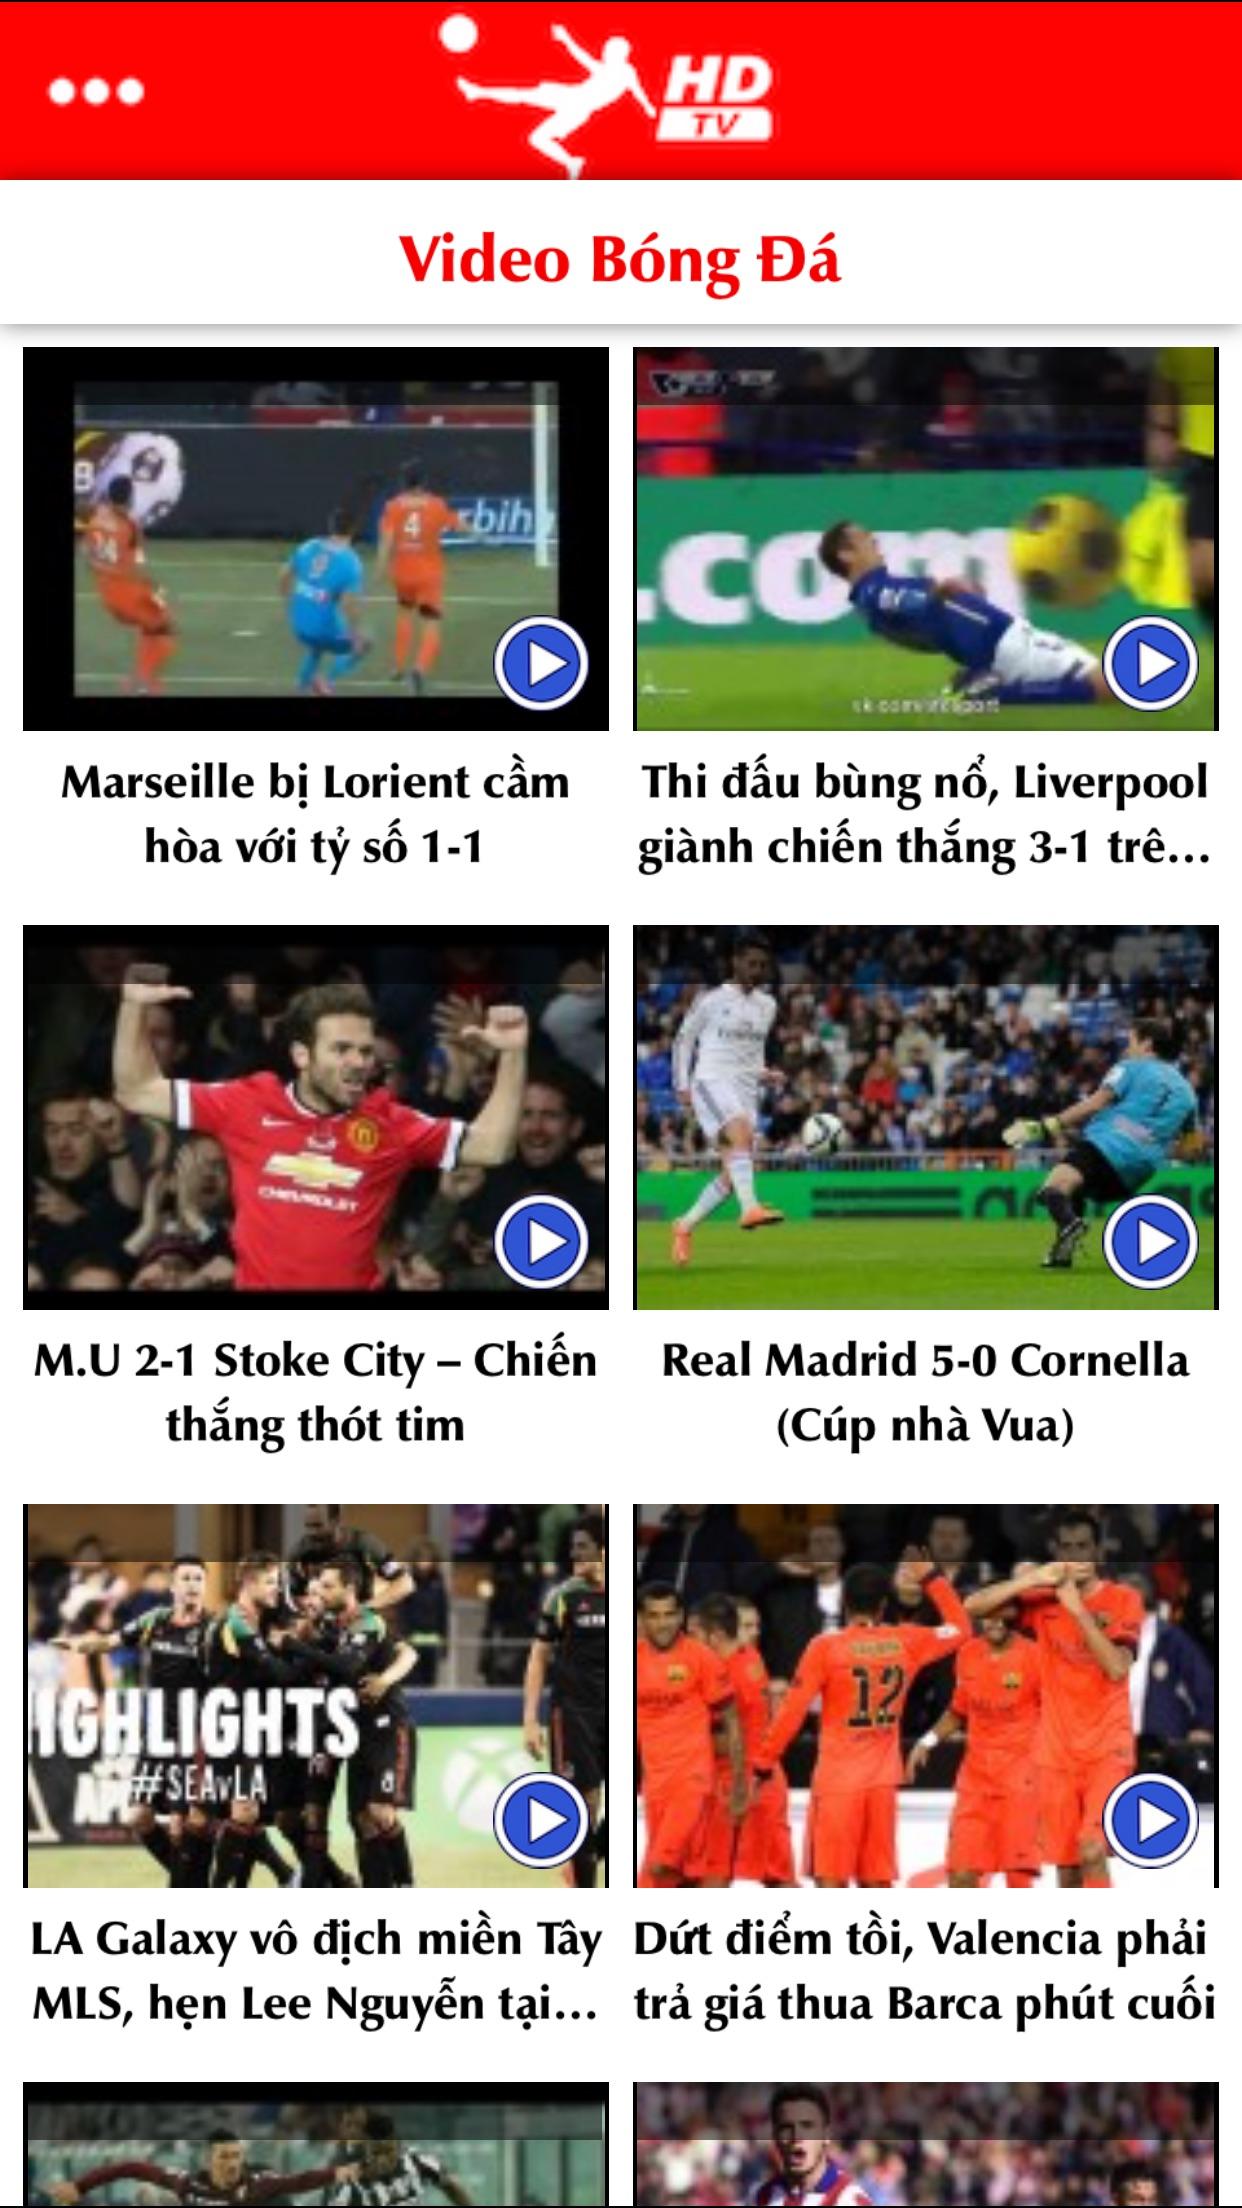 Bóng Đá TV - Xem trực tiếp và đọc tin tức bóng đá Screenshot